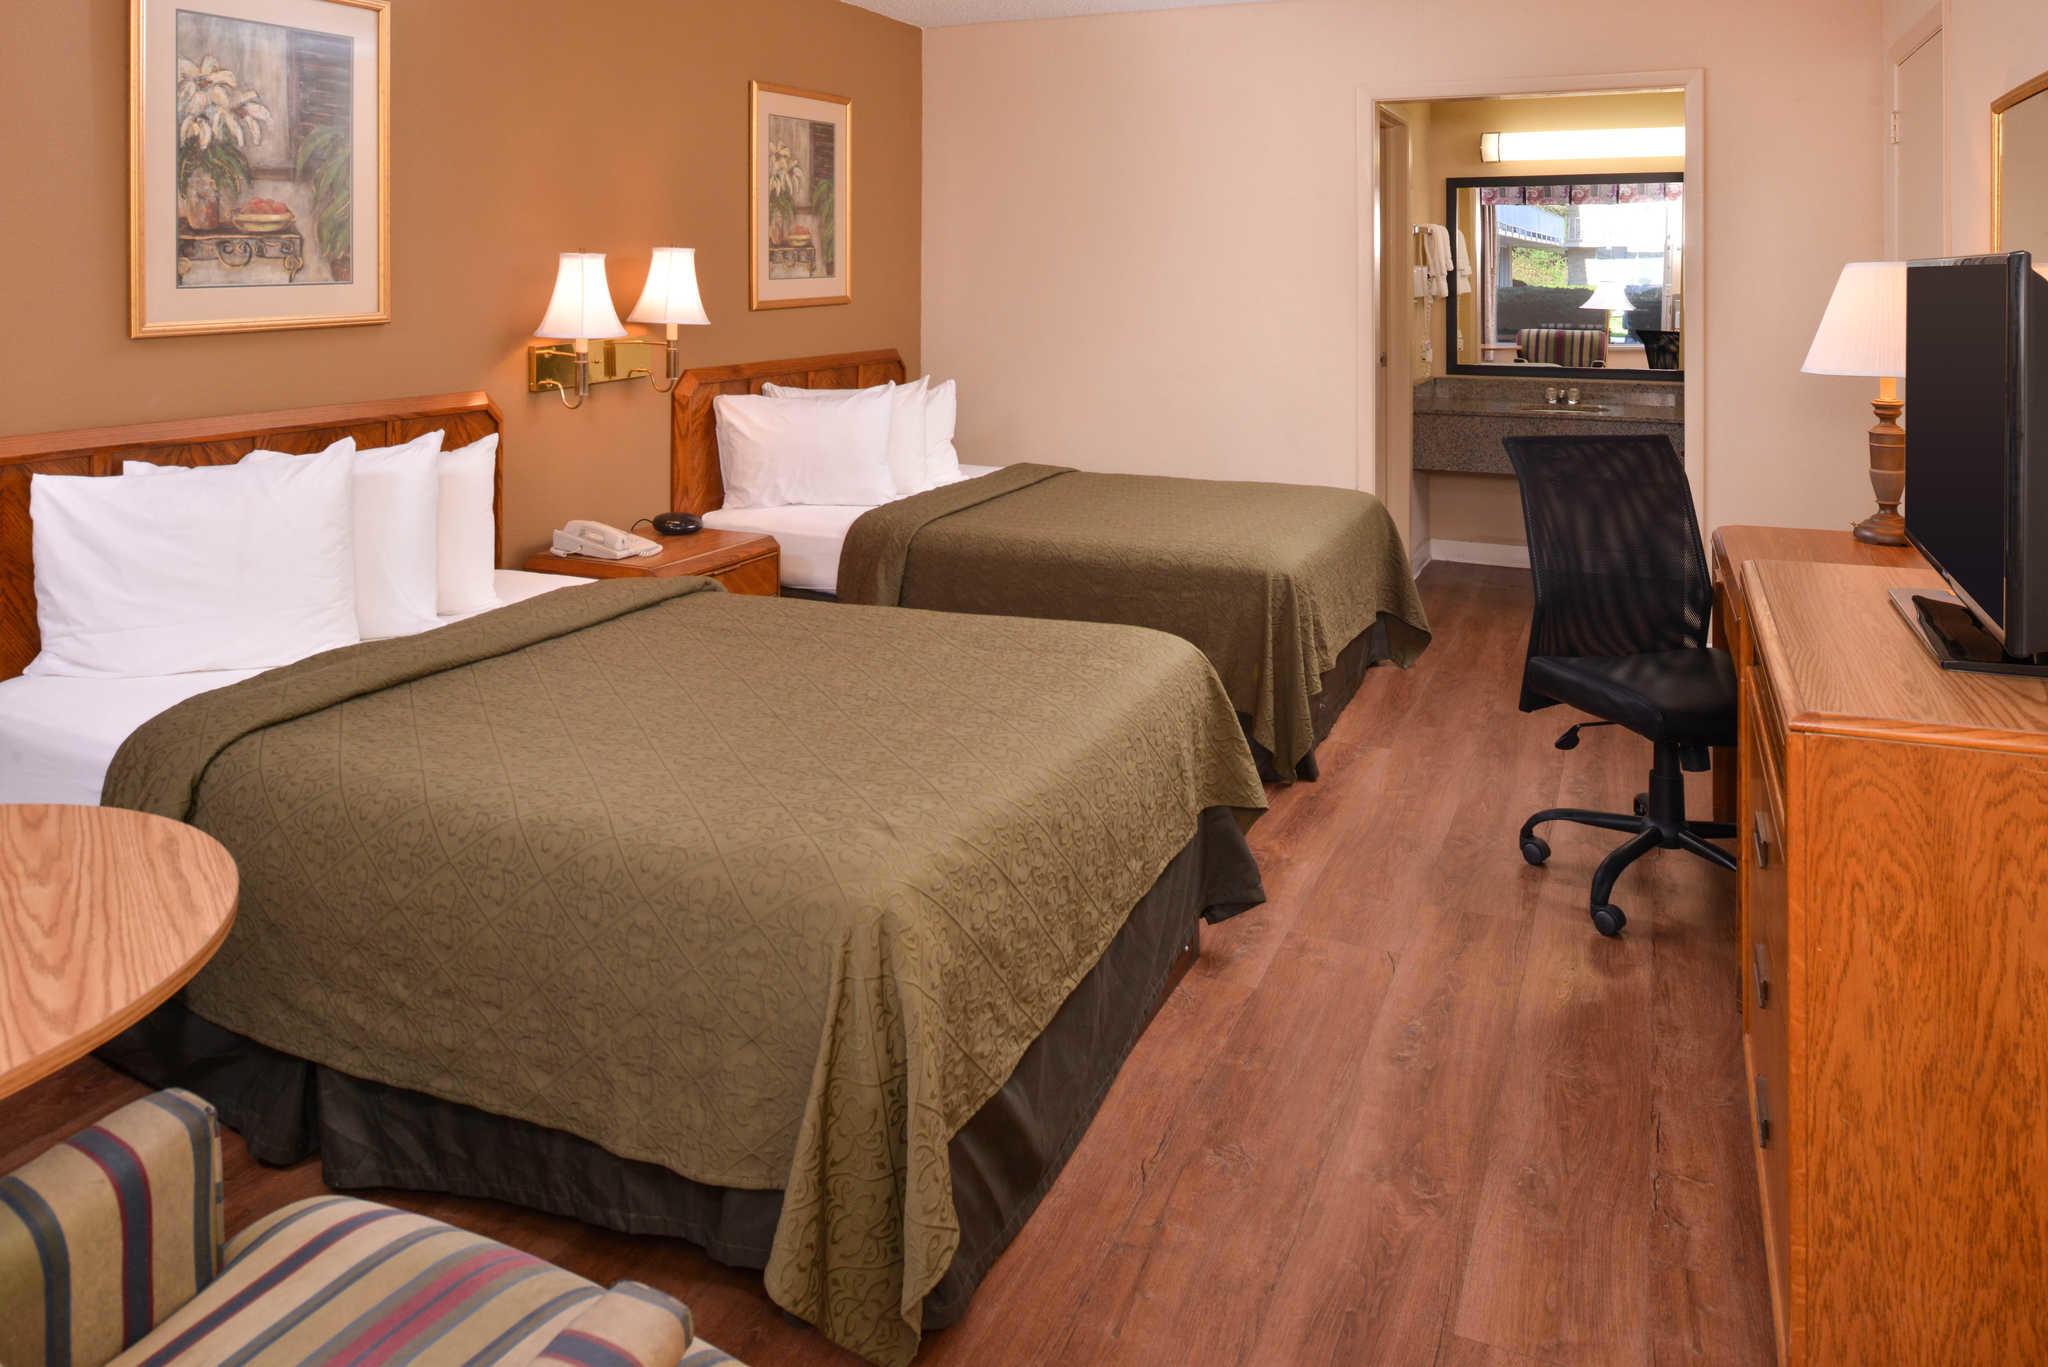 Quality Inn Dutch Inn image 11